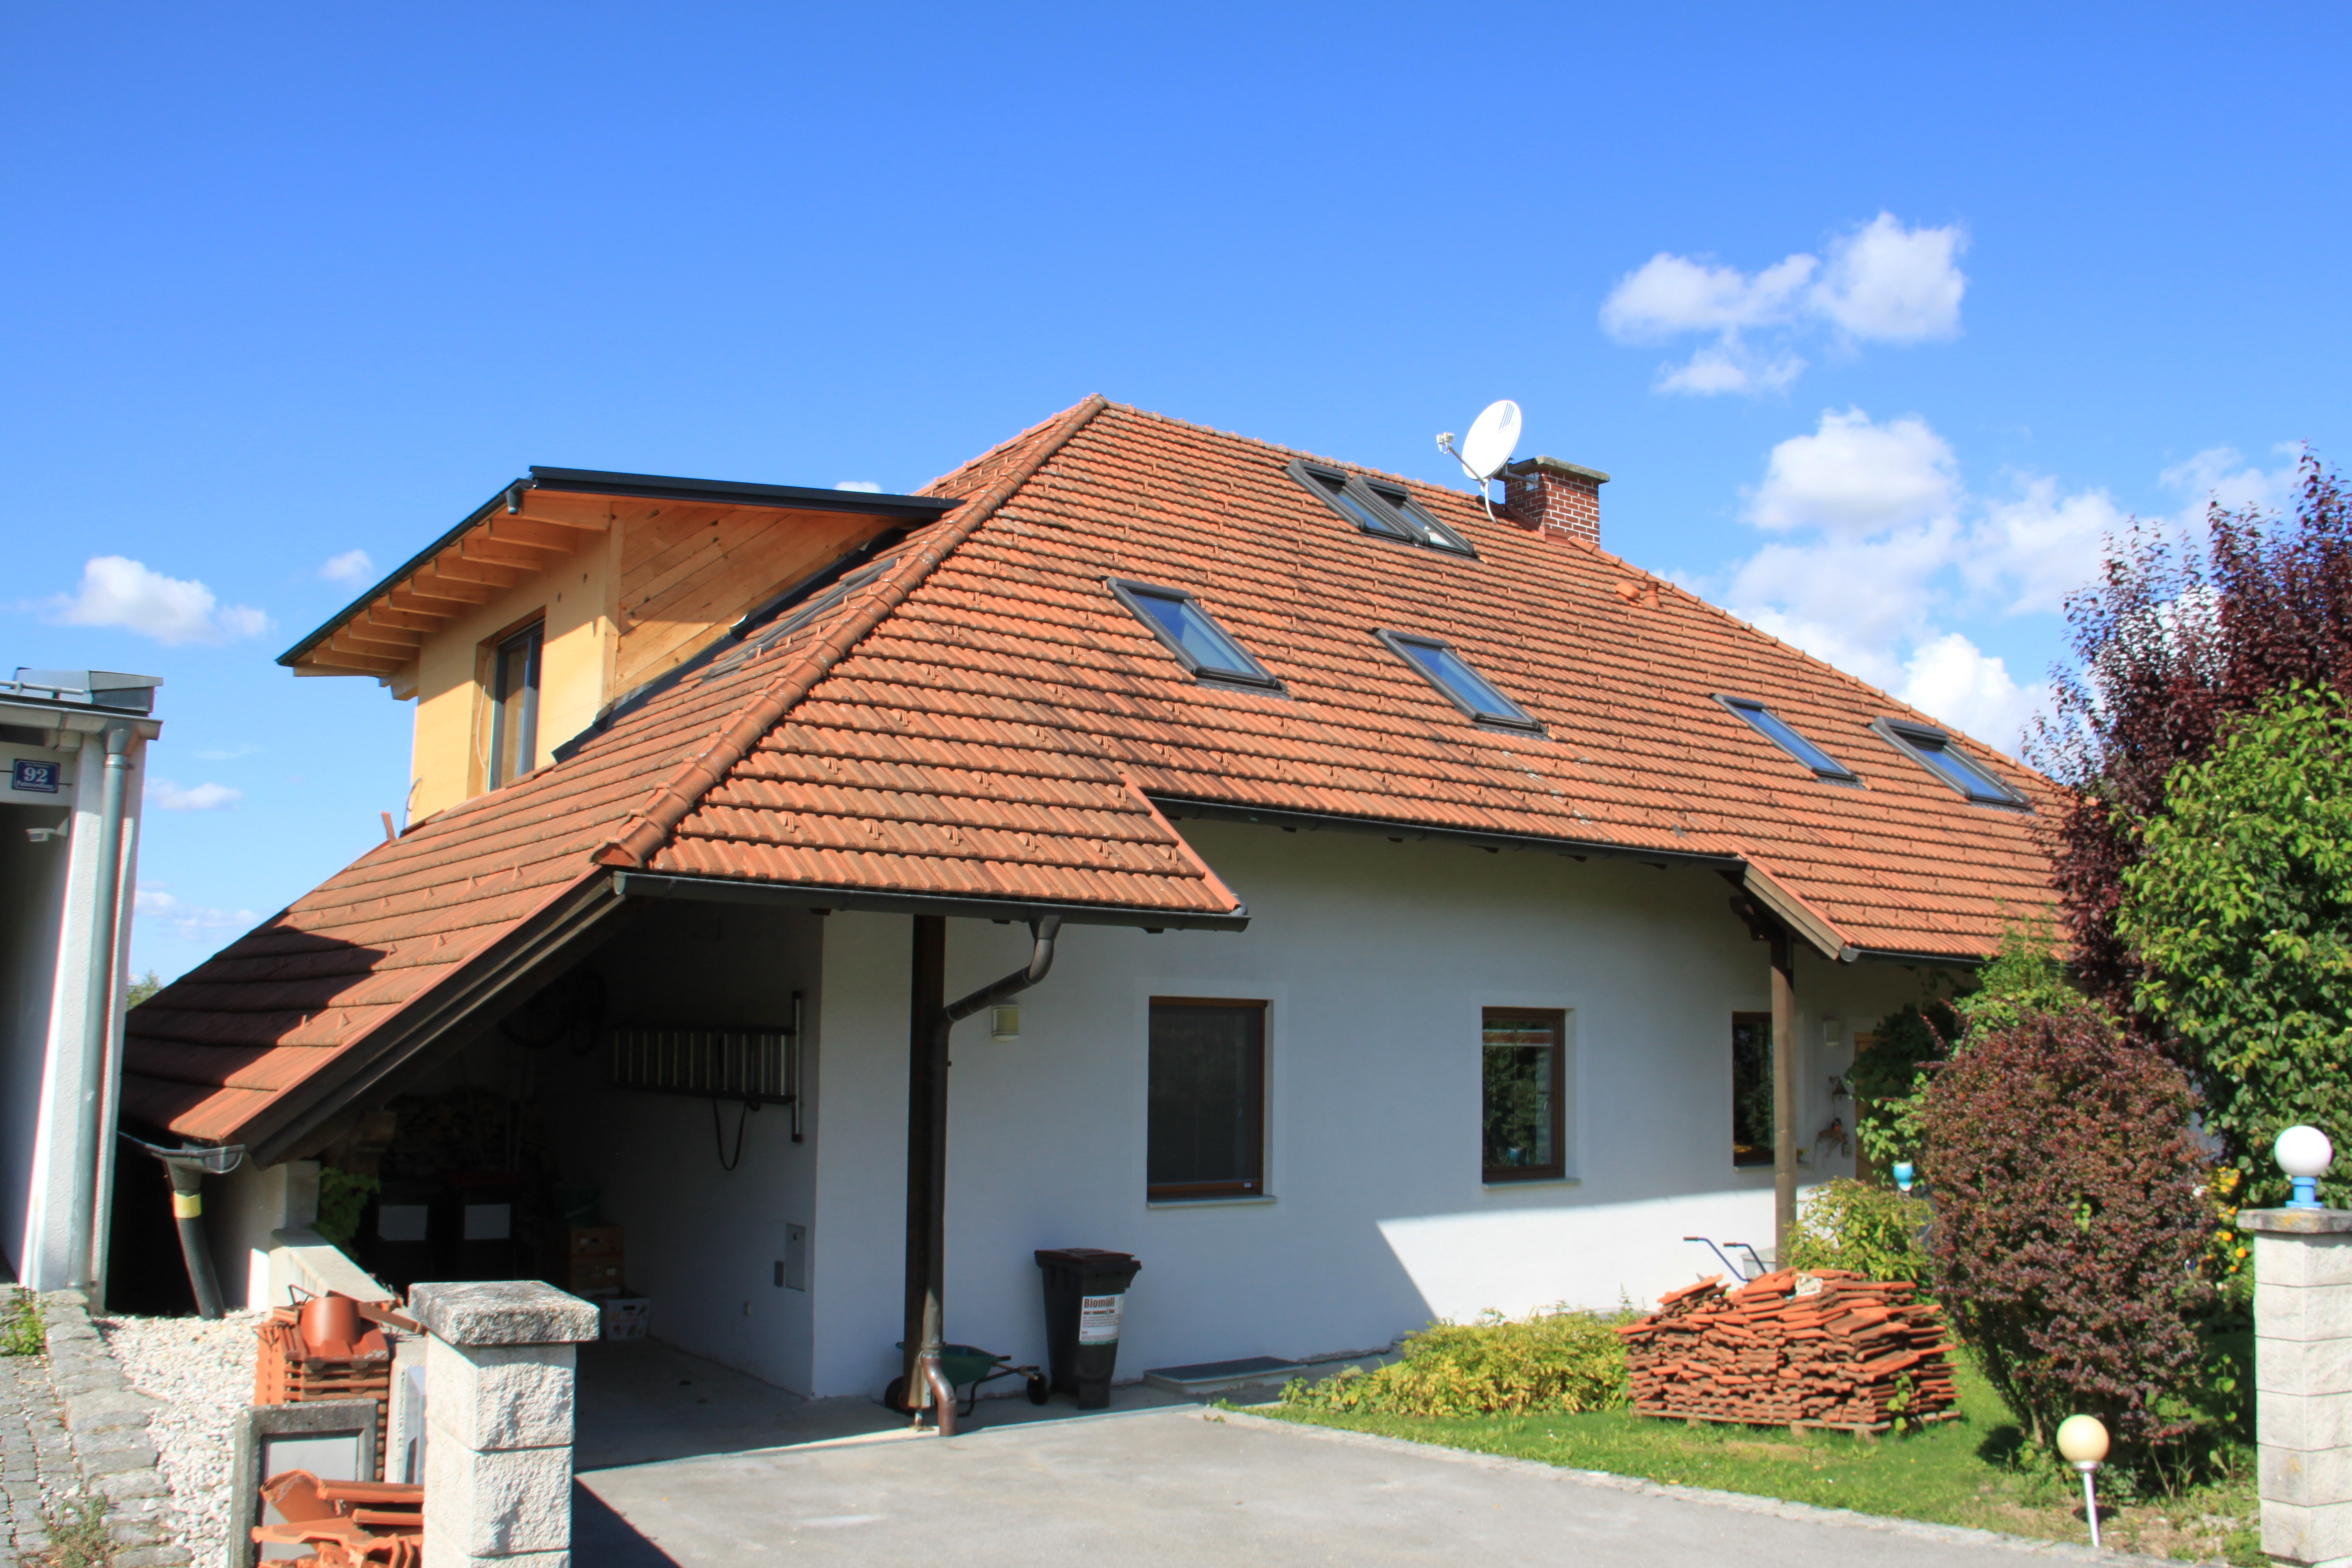 http://www.der-bauberater.at/wp-content/uploads/2017/10/Dachgeschossausbau_05.jpg